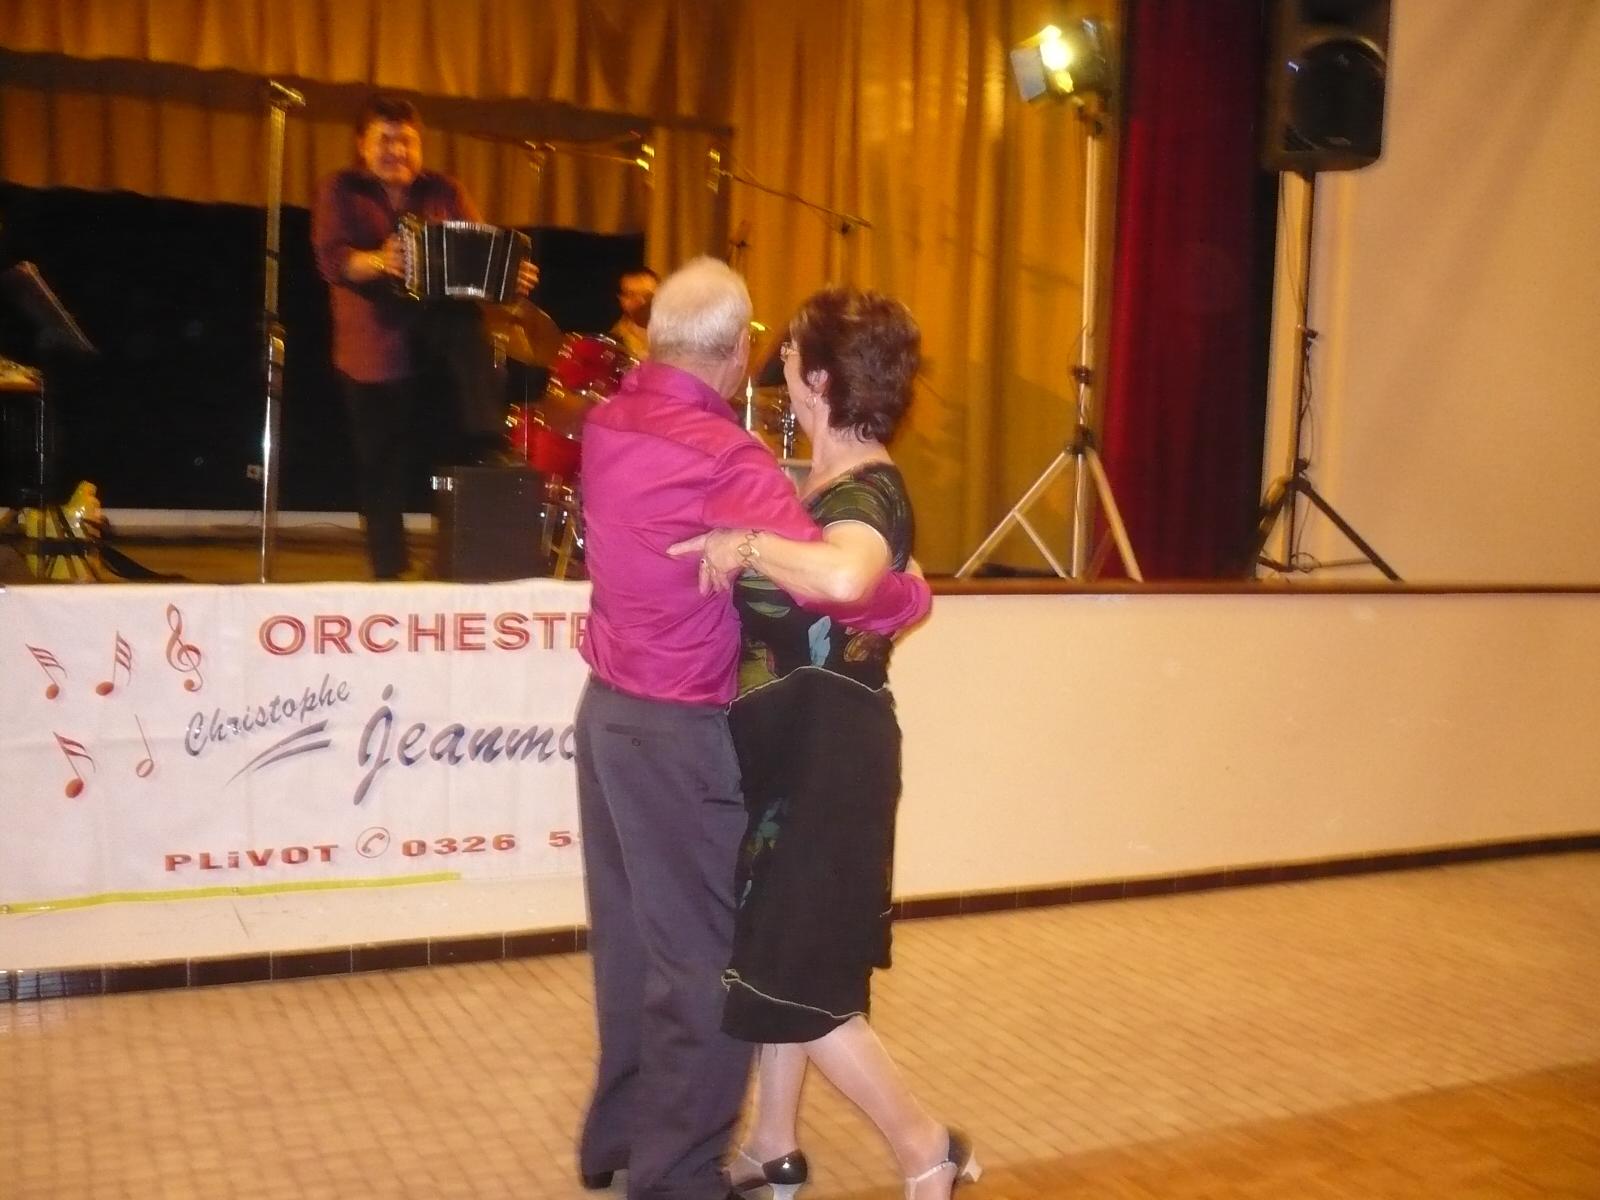 Le blog de la danse de salon christophe jeanmougin bellegarde 45 - Blog de la danse de salon ...